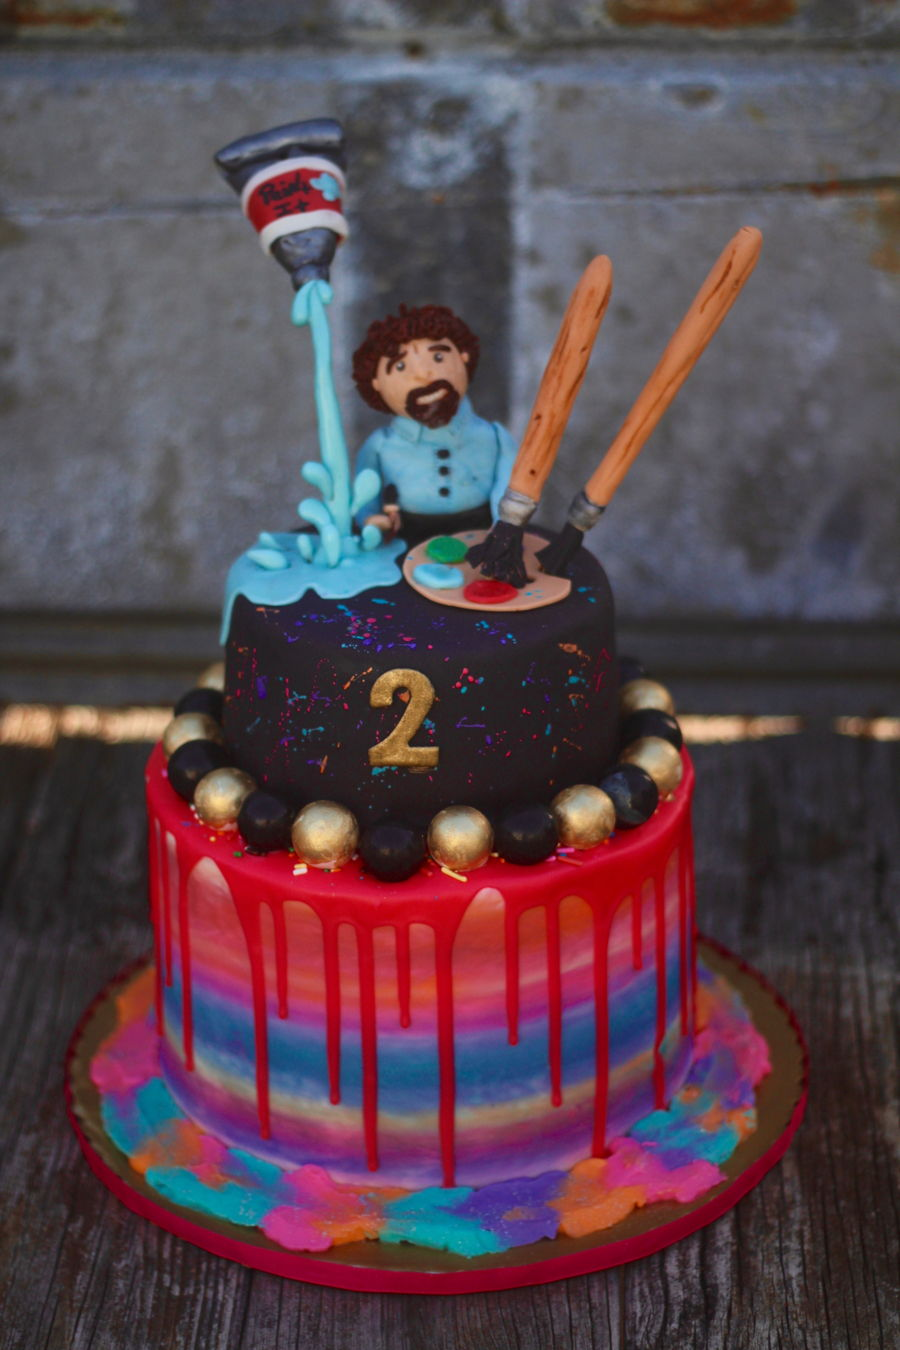 Audrey Ross Cake Artist : Bob Ross Art Cake - CakeCentral.com